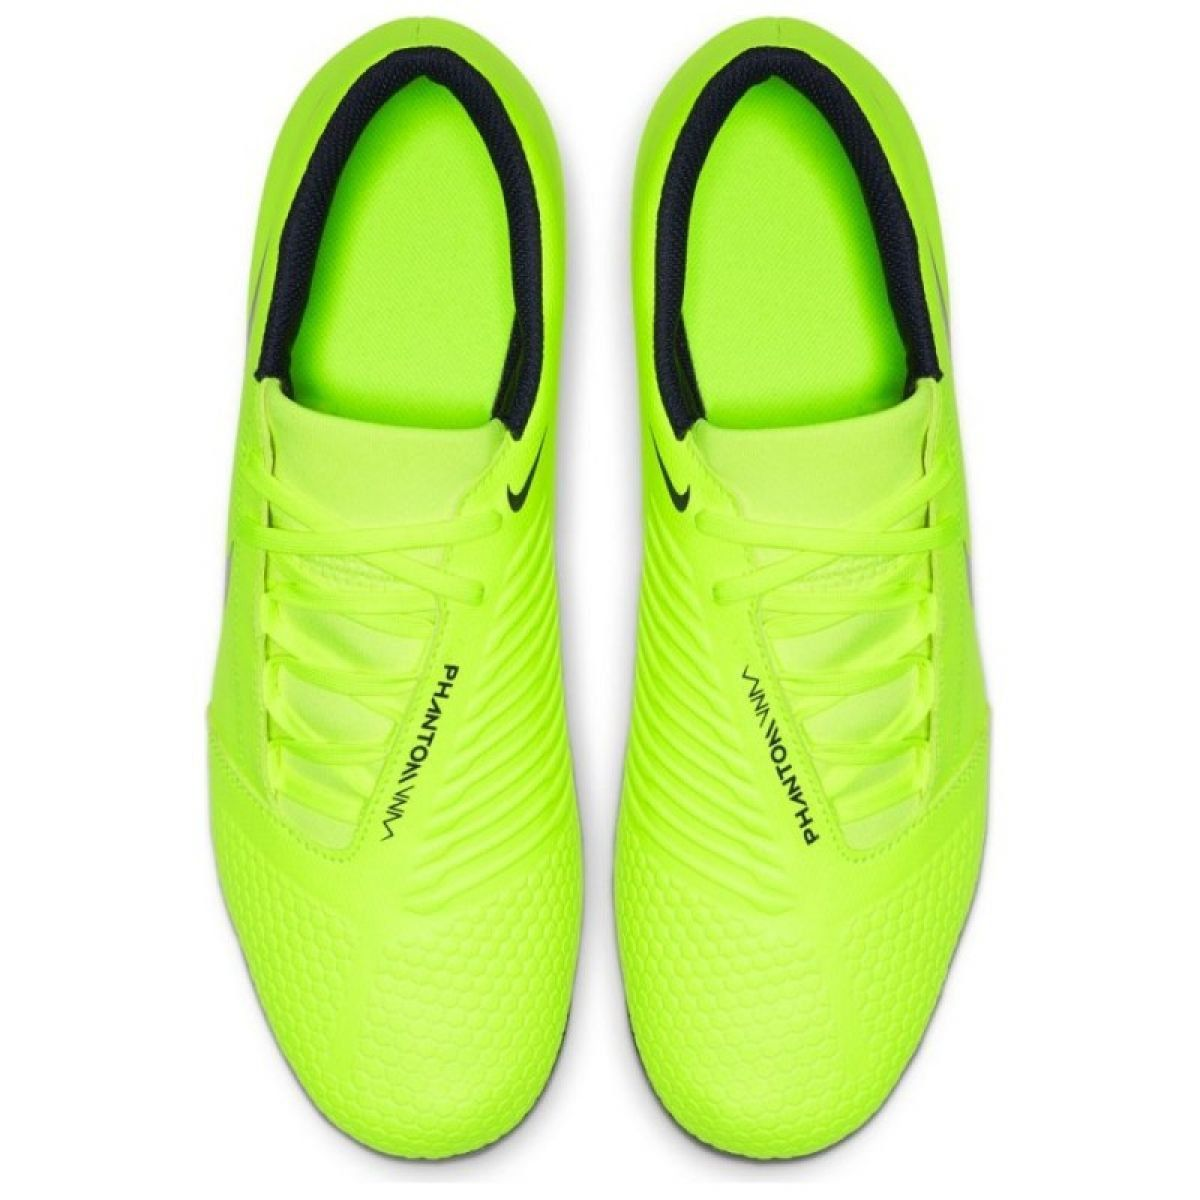 Buty Nike Phantom Venom Club Fg M Ao0577 717 Zielone Green Shoes Shoes Nike Shoes